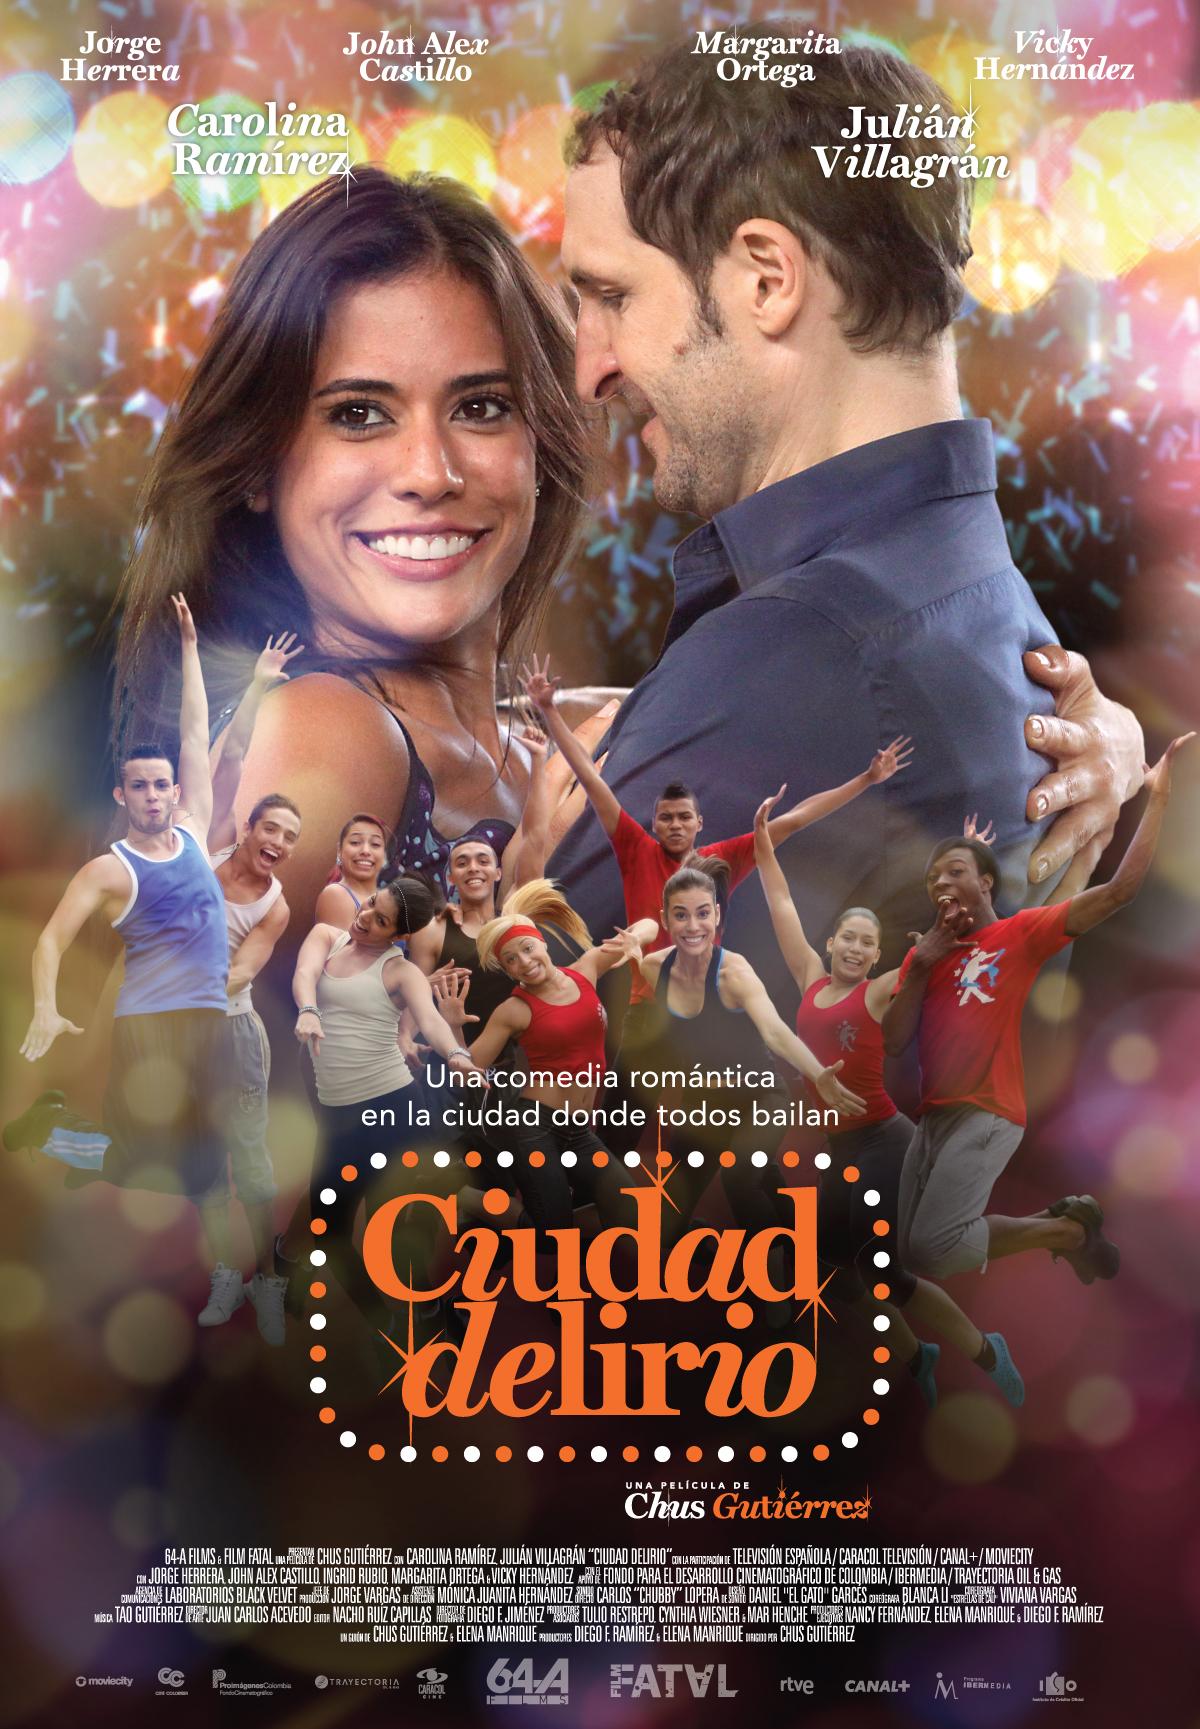 Películas colombianas para Netflix en junio de 2018   La FM